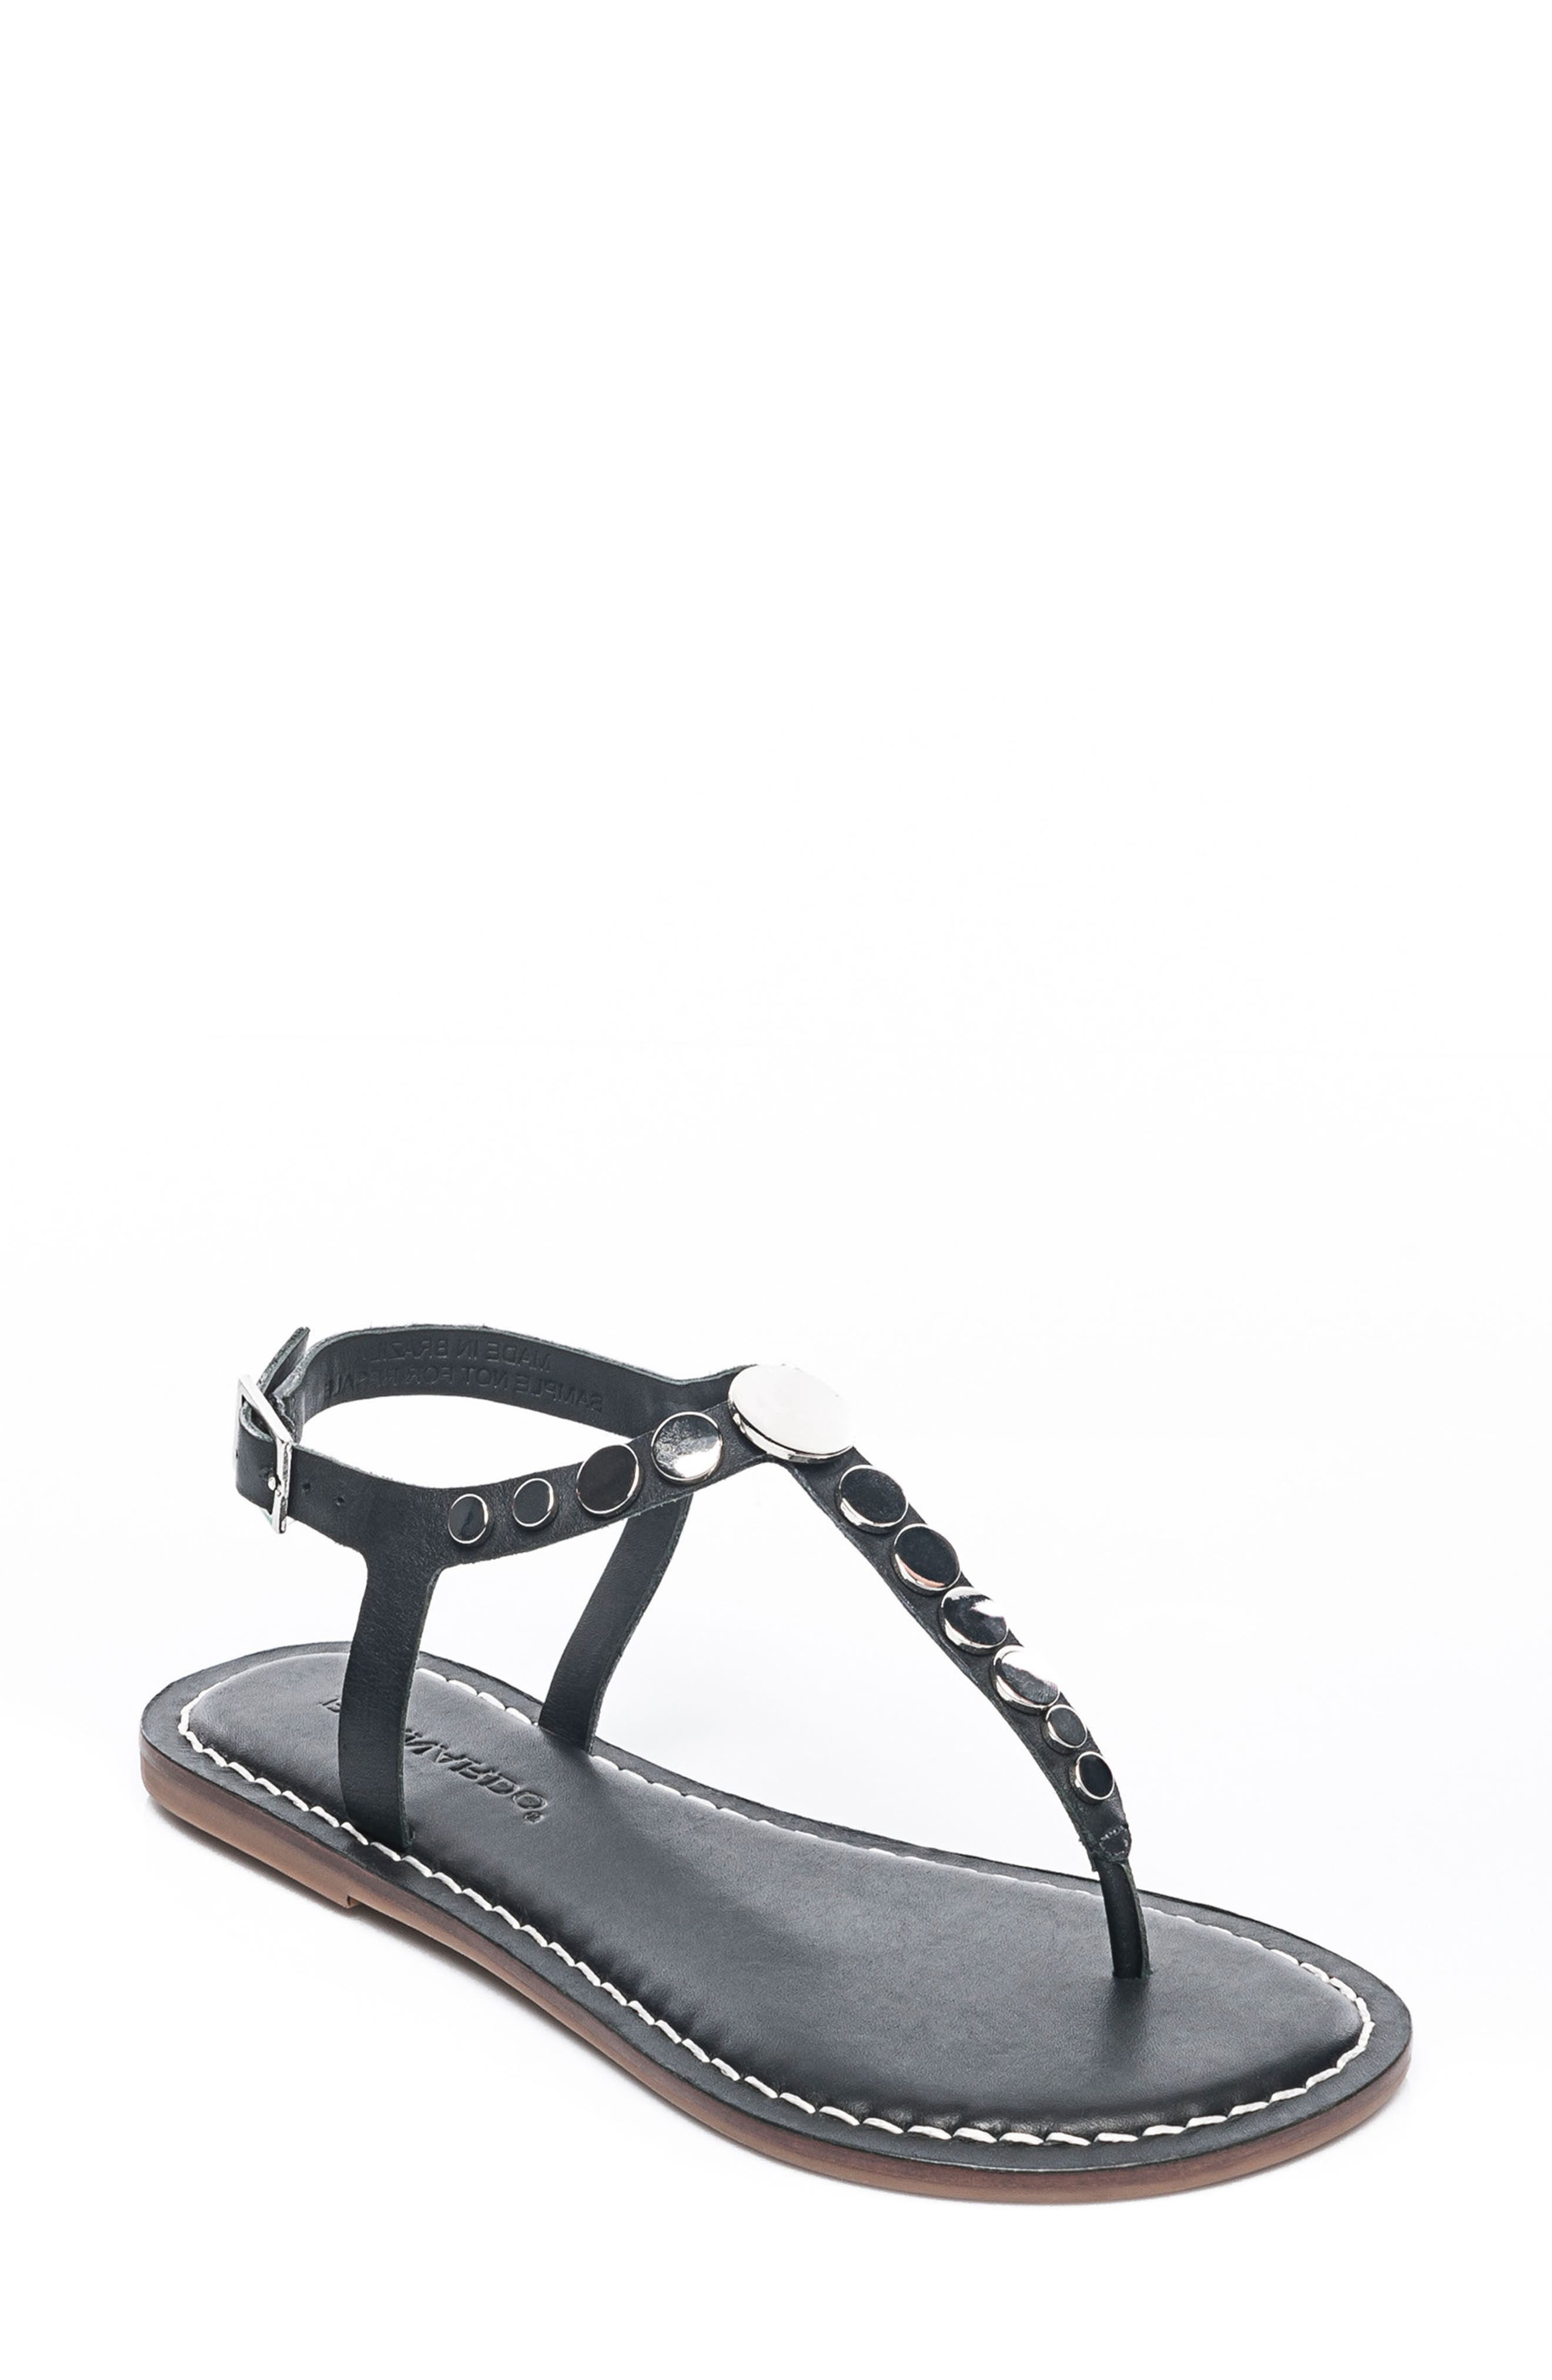 May Sandal,                         Main,                         color, 001